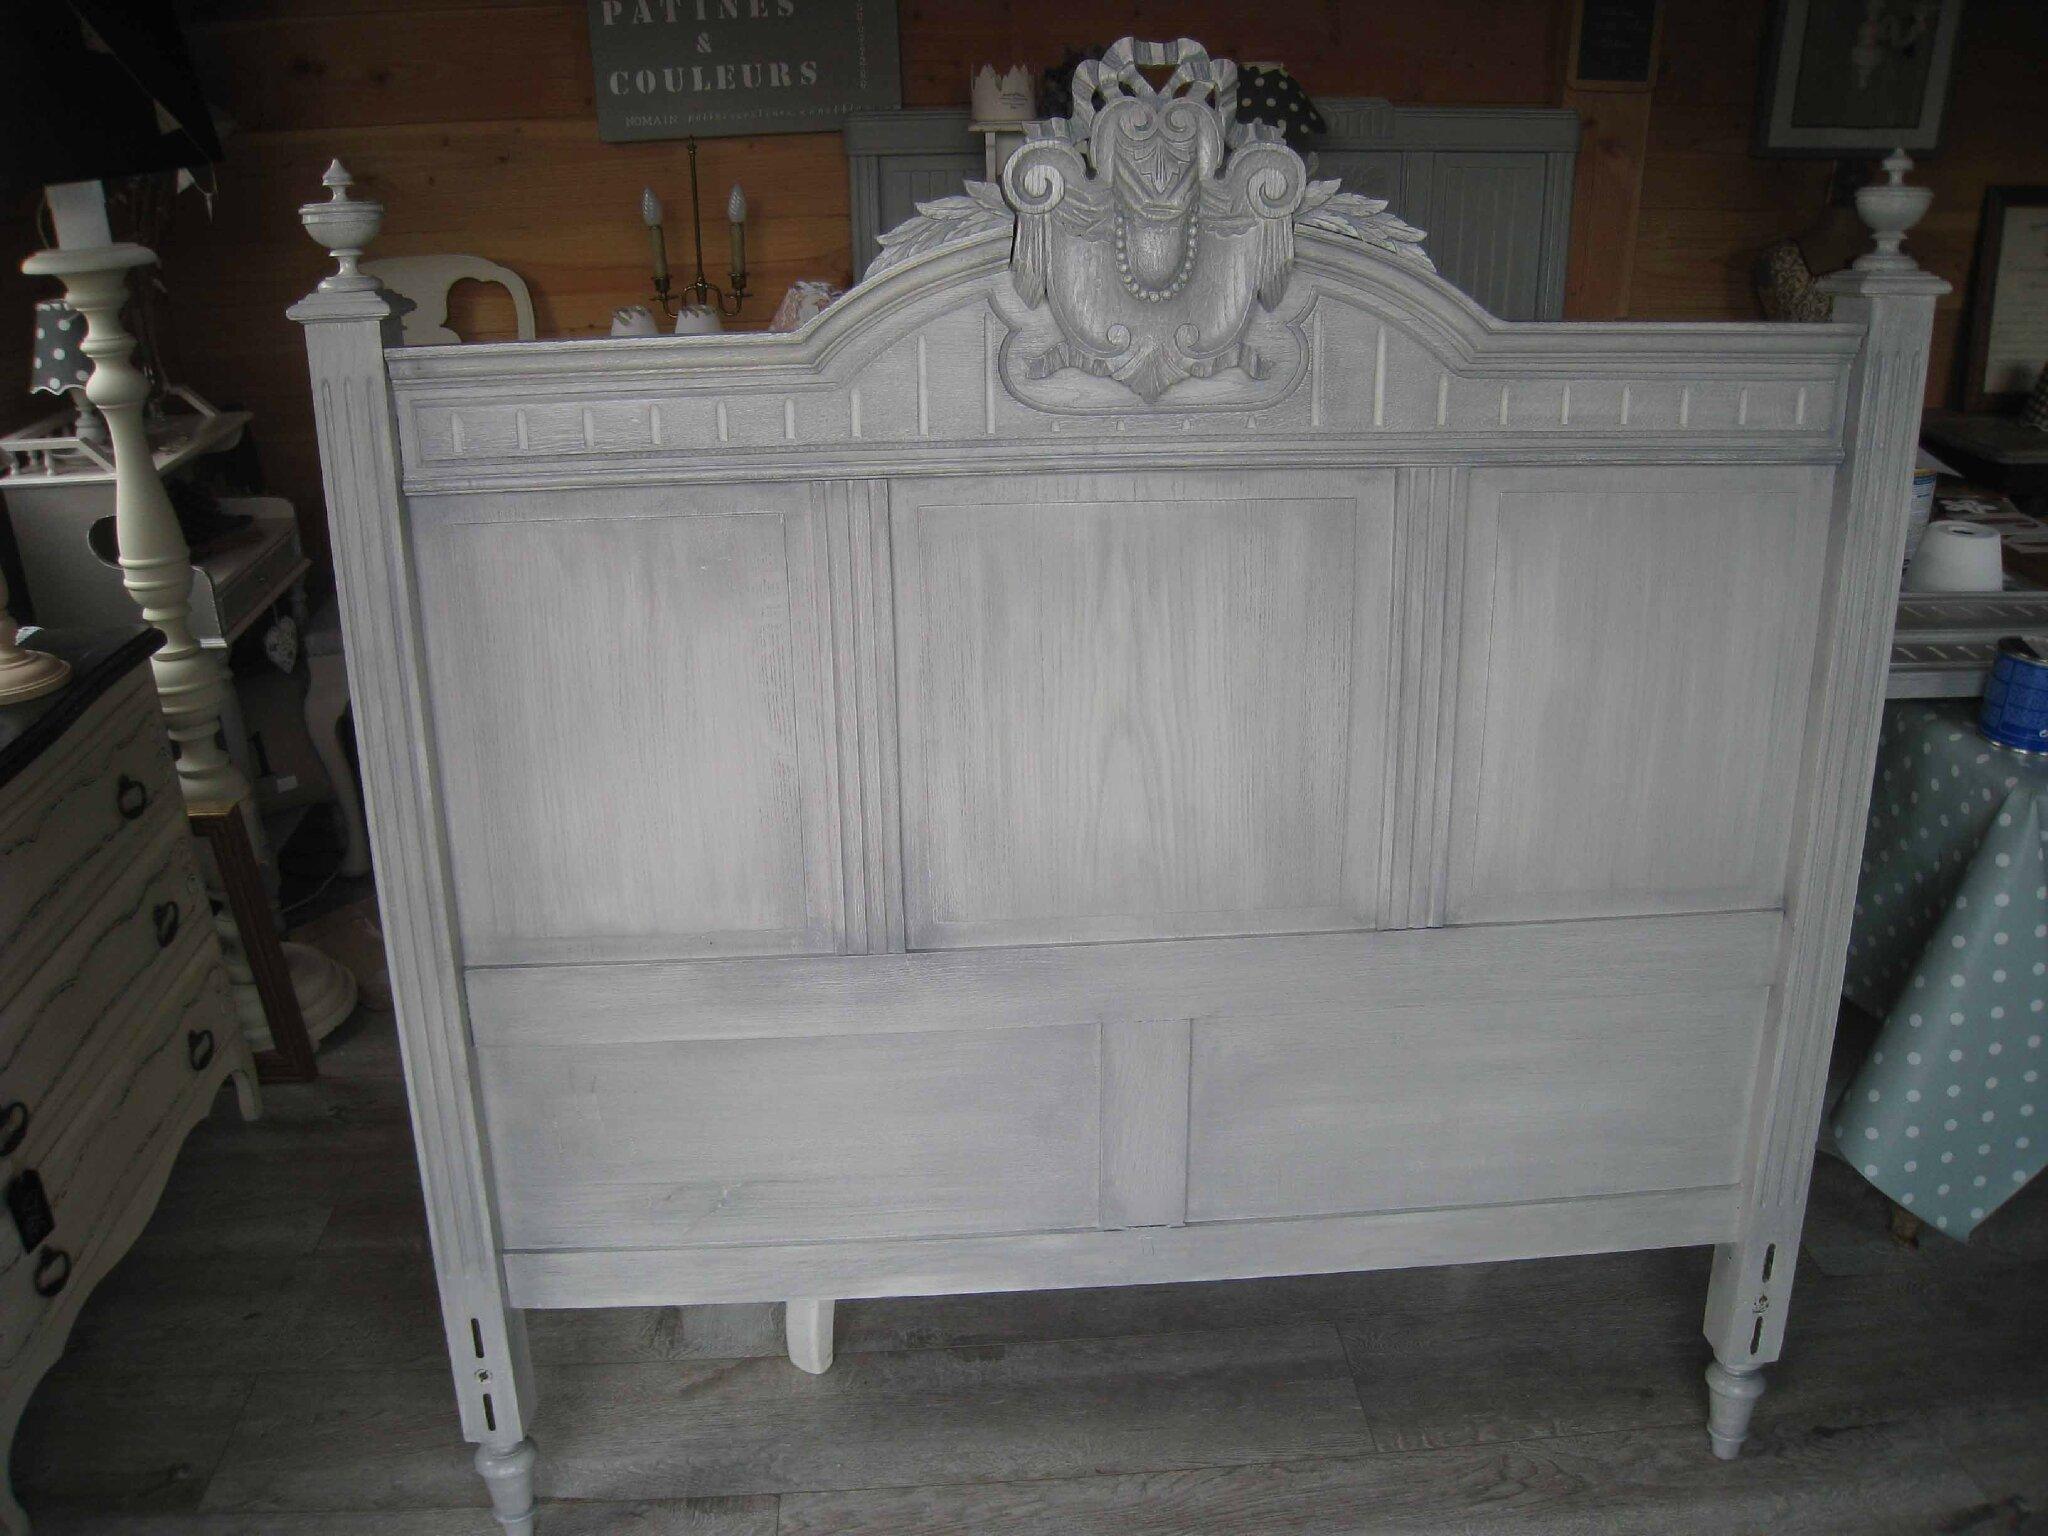 Img 5838 photo de une chambre coucher relook e 3 patines couleurs for Peindre meuble bois en blanc